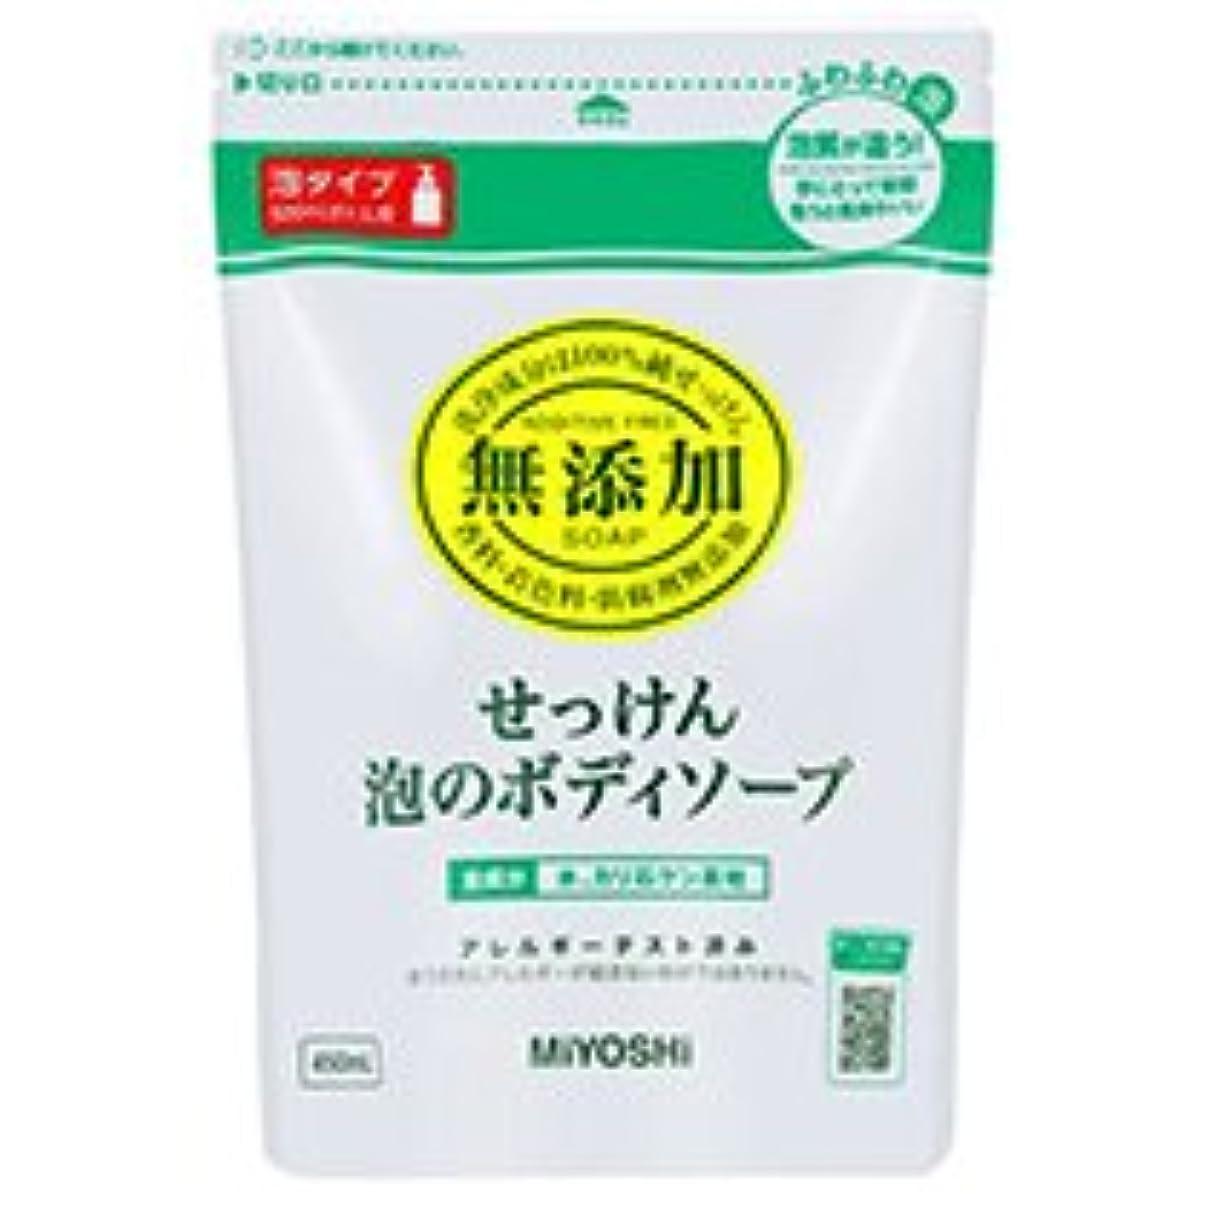 インシデント多年生不実ミヨシ石鹸 無添加せっけん 泡のボディソープ 詰替用 450ml 1個